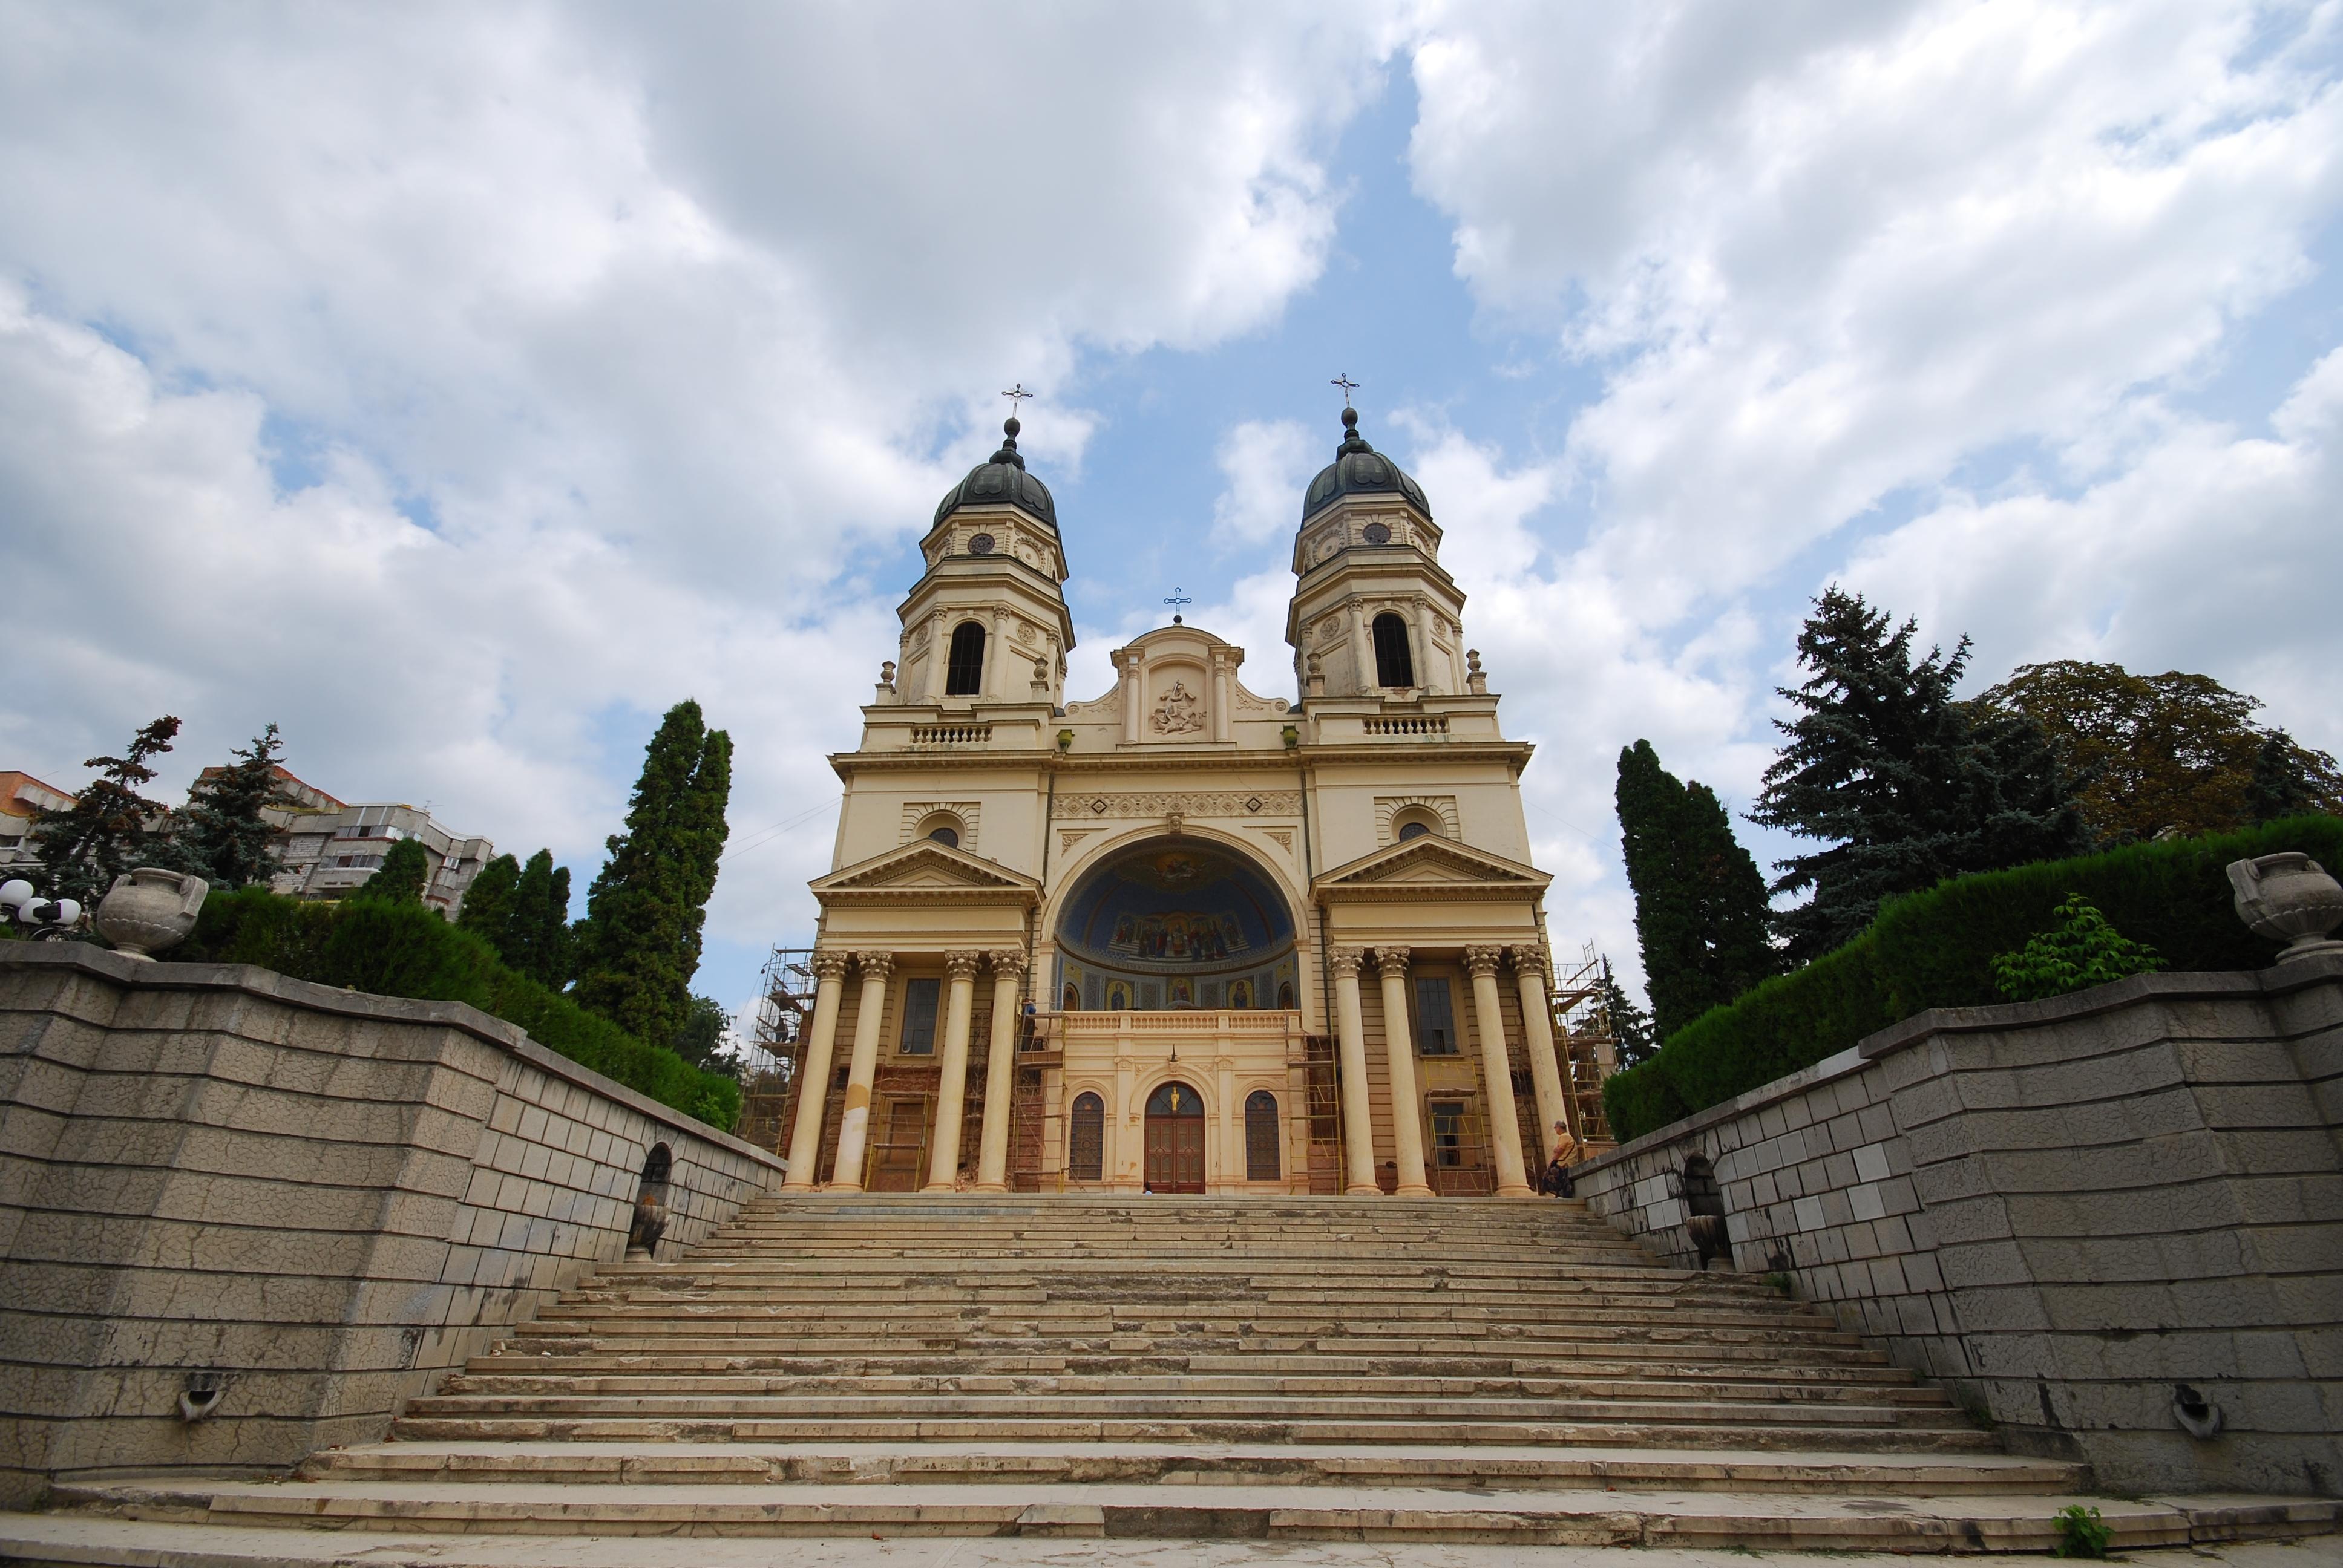 Catedrala_Mitropolitana_Iasi_01